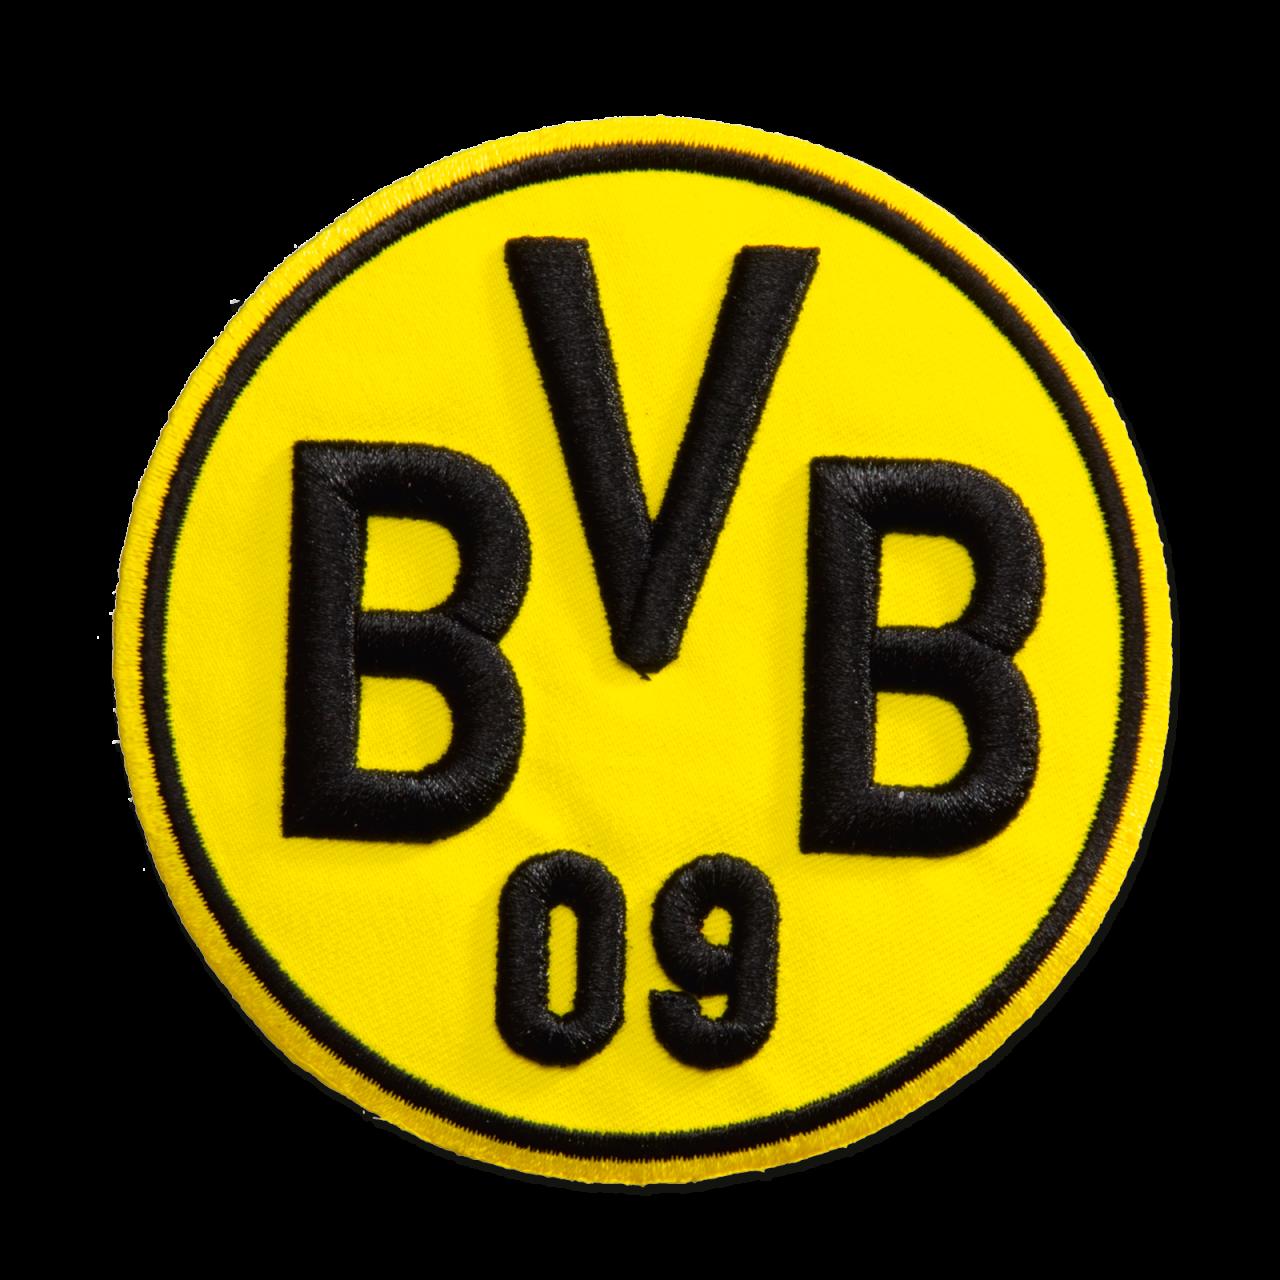 BVB-Aufnäher-3D